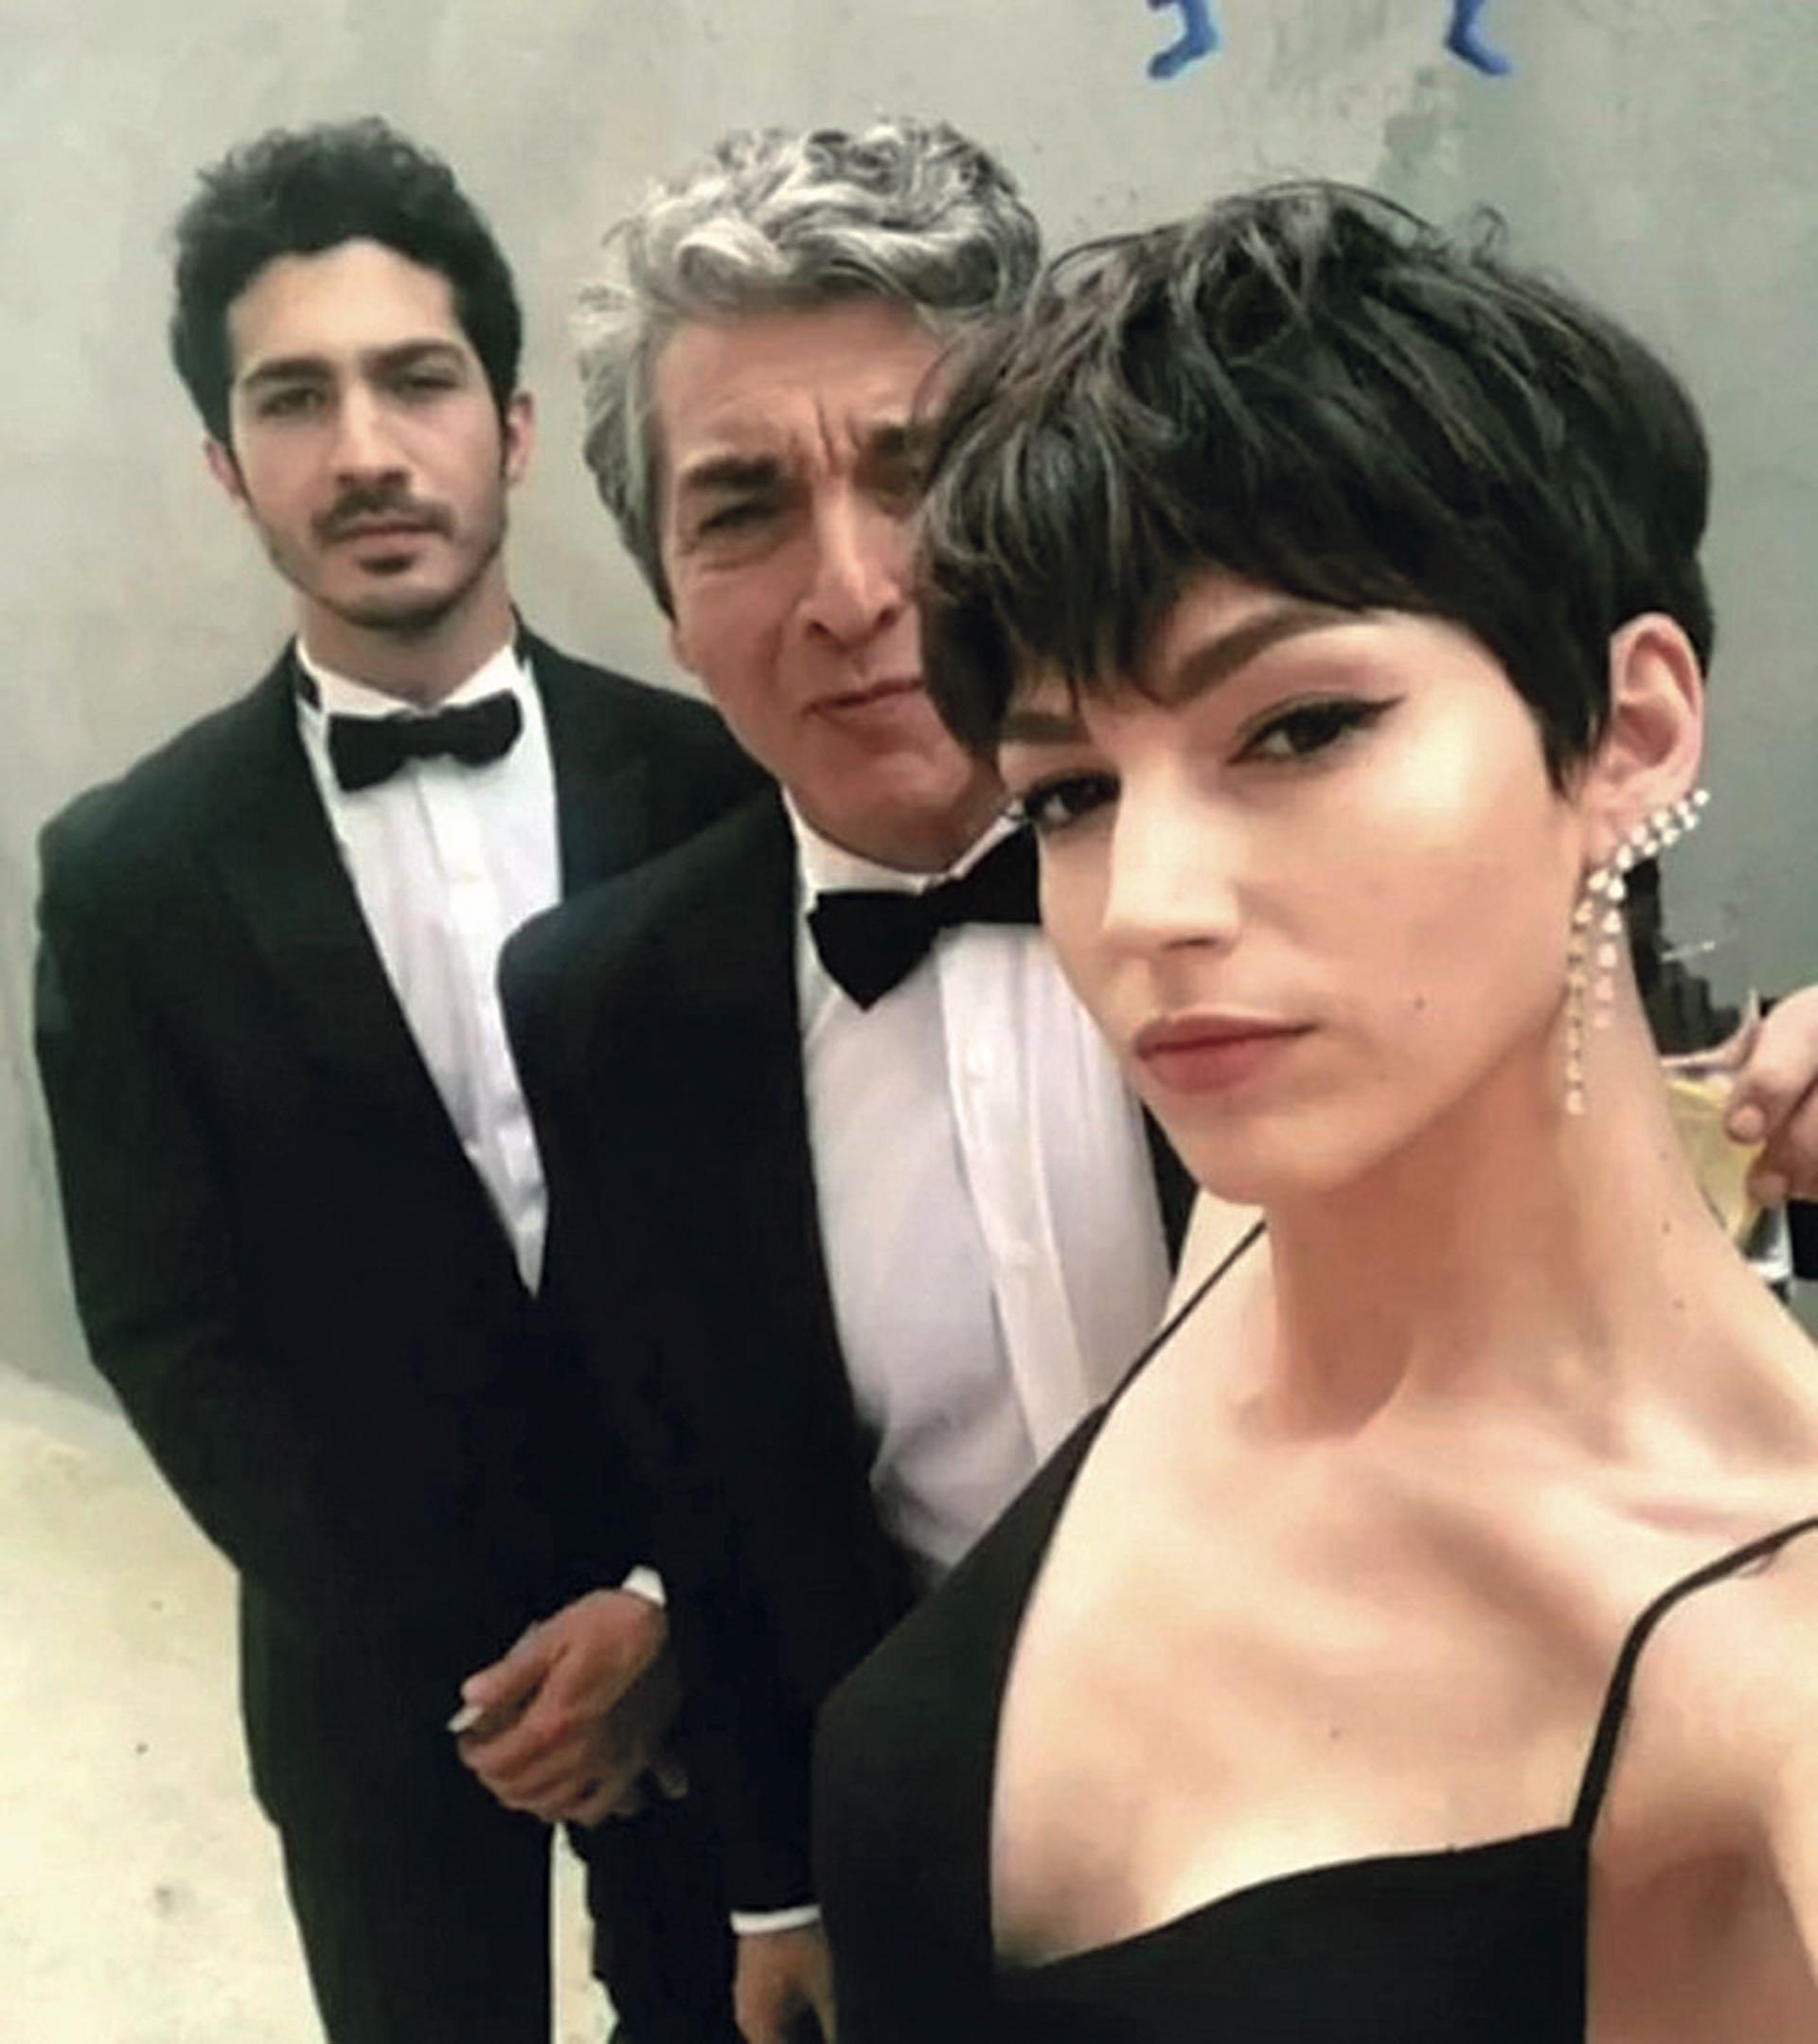 Los preparativos con su hijo, el Chino, que esa noche pisaba la misma red carpet en representación de El ángel y llegó del brazo de su novia, Ursula Corbero, más conocida como Tokio en La casa de papel.